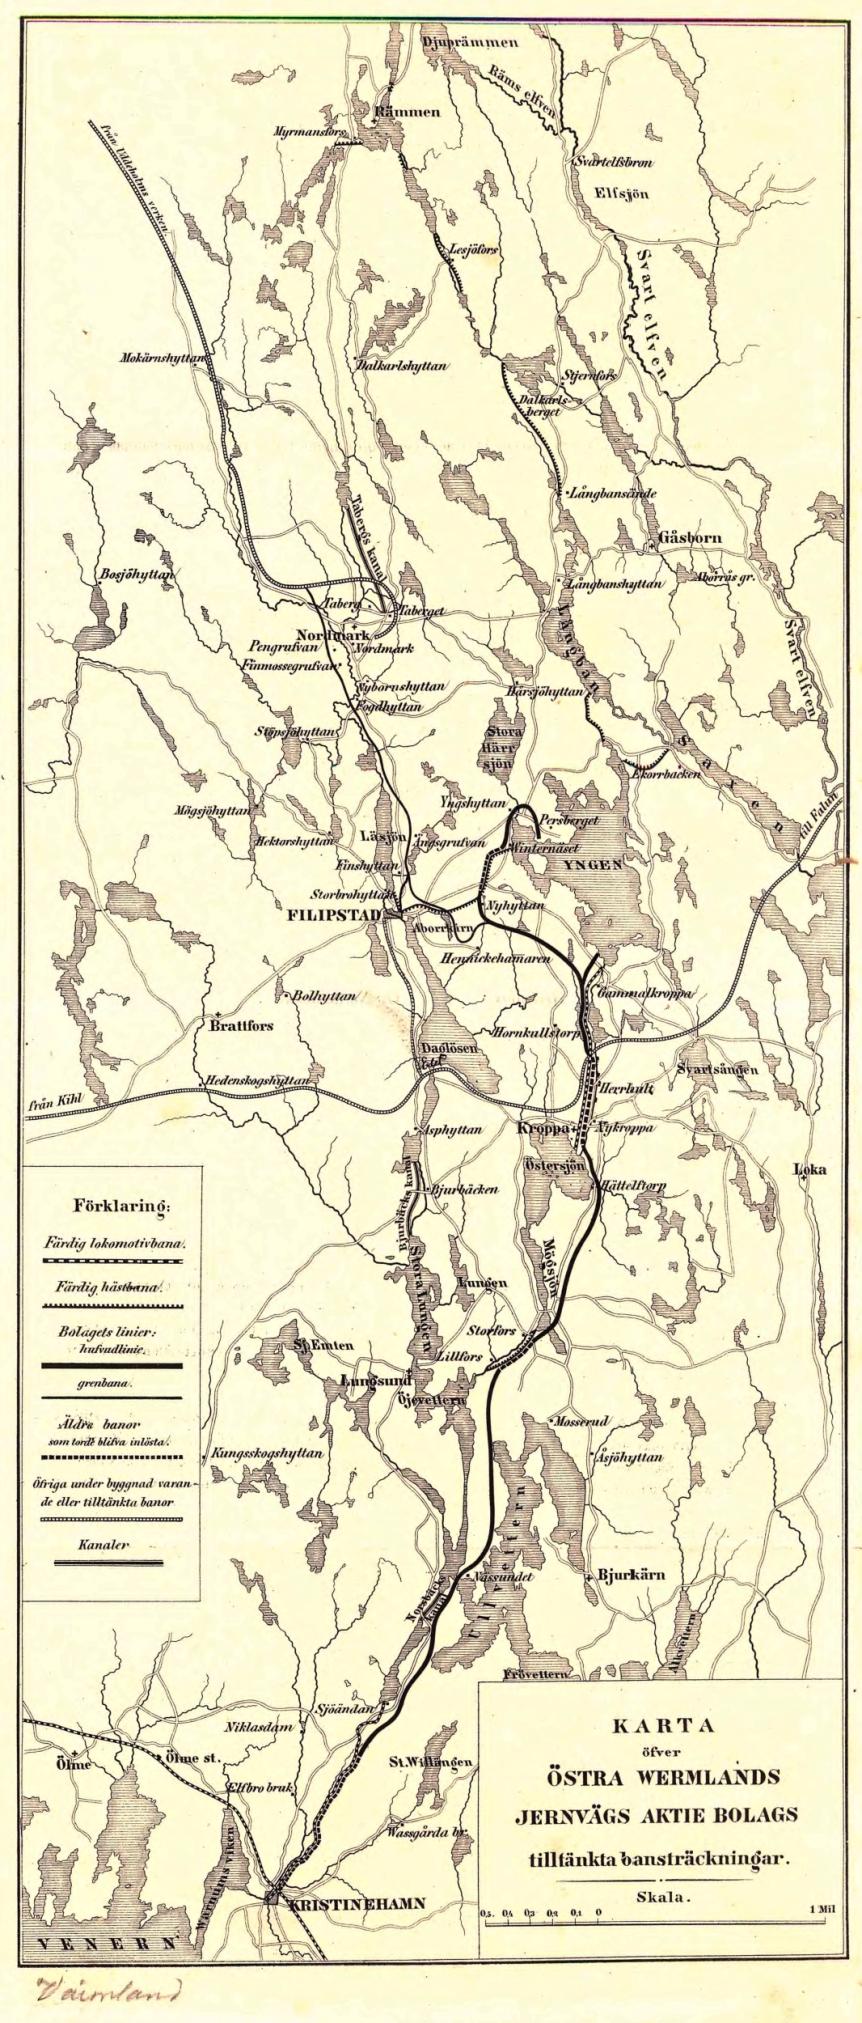 Karta öfver Östra Wermlands Jernvägs ABs tilltänkta bansträckningar_DxO